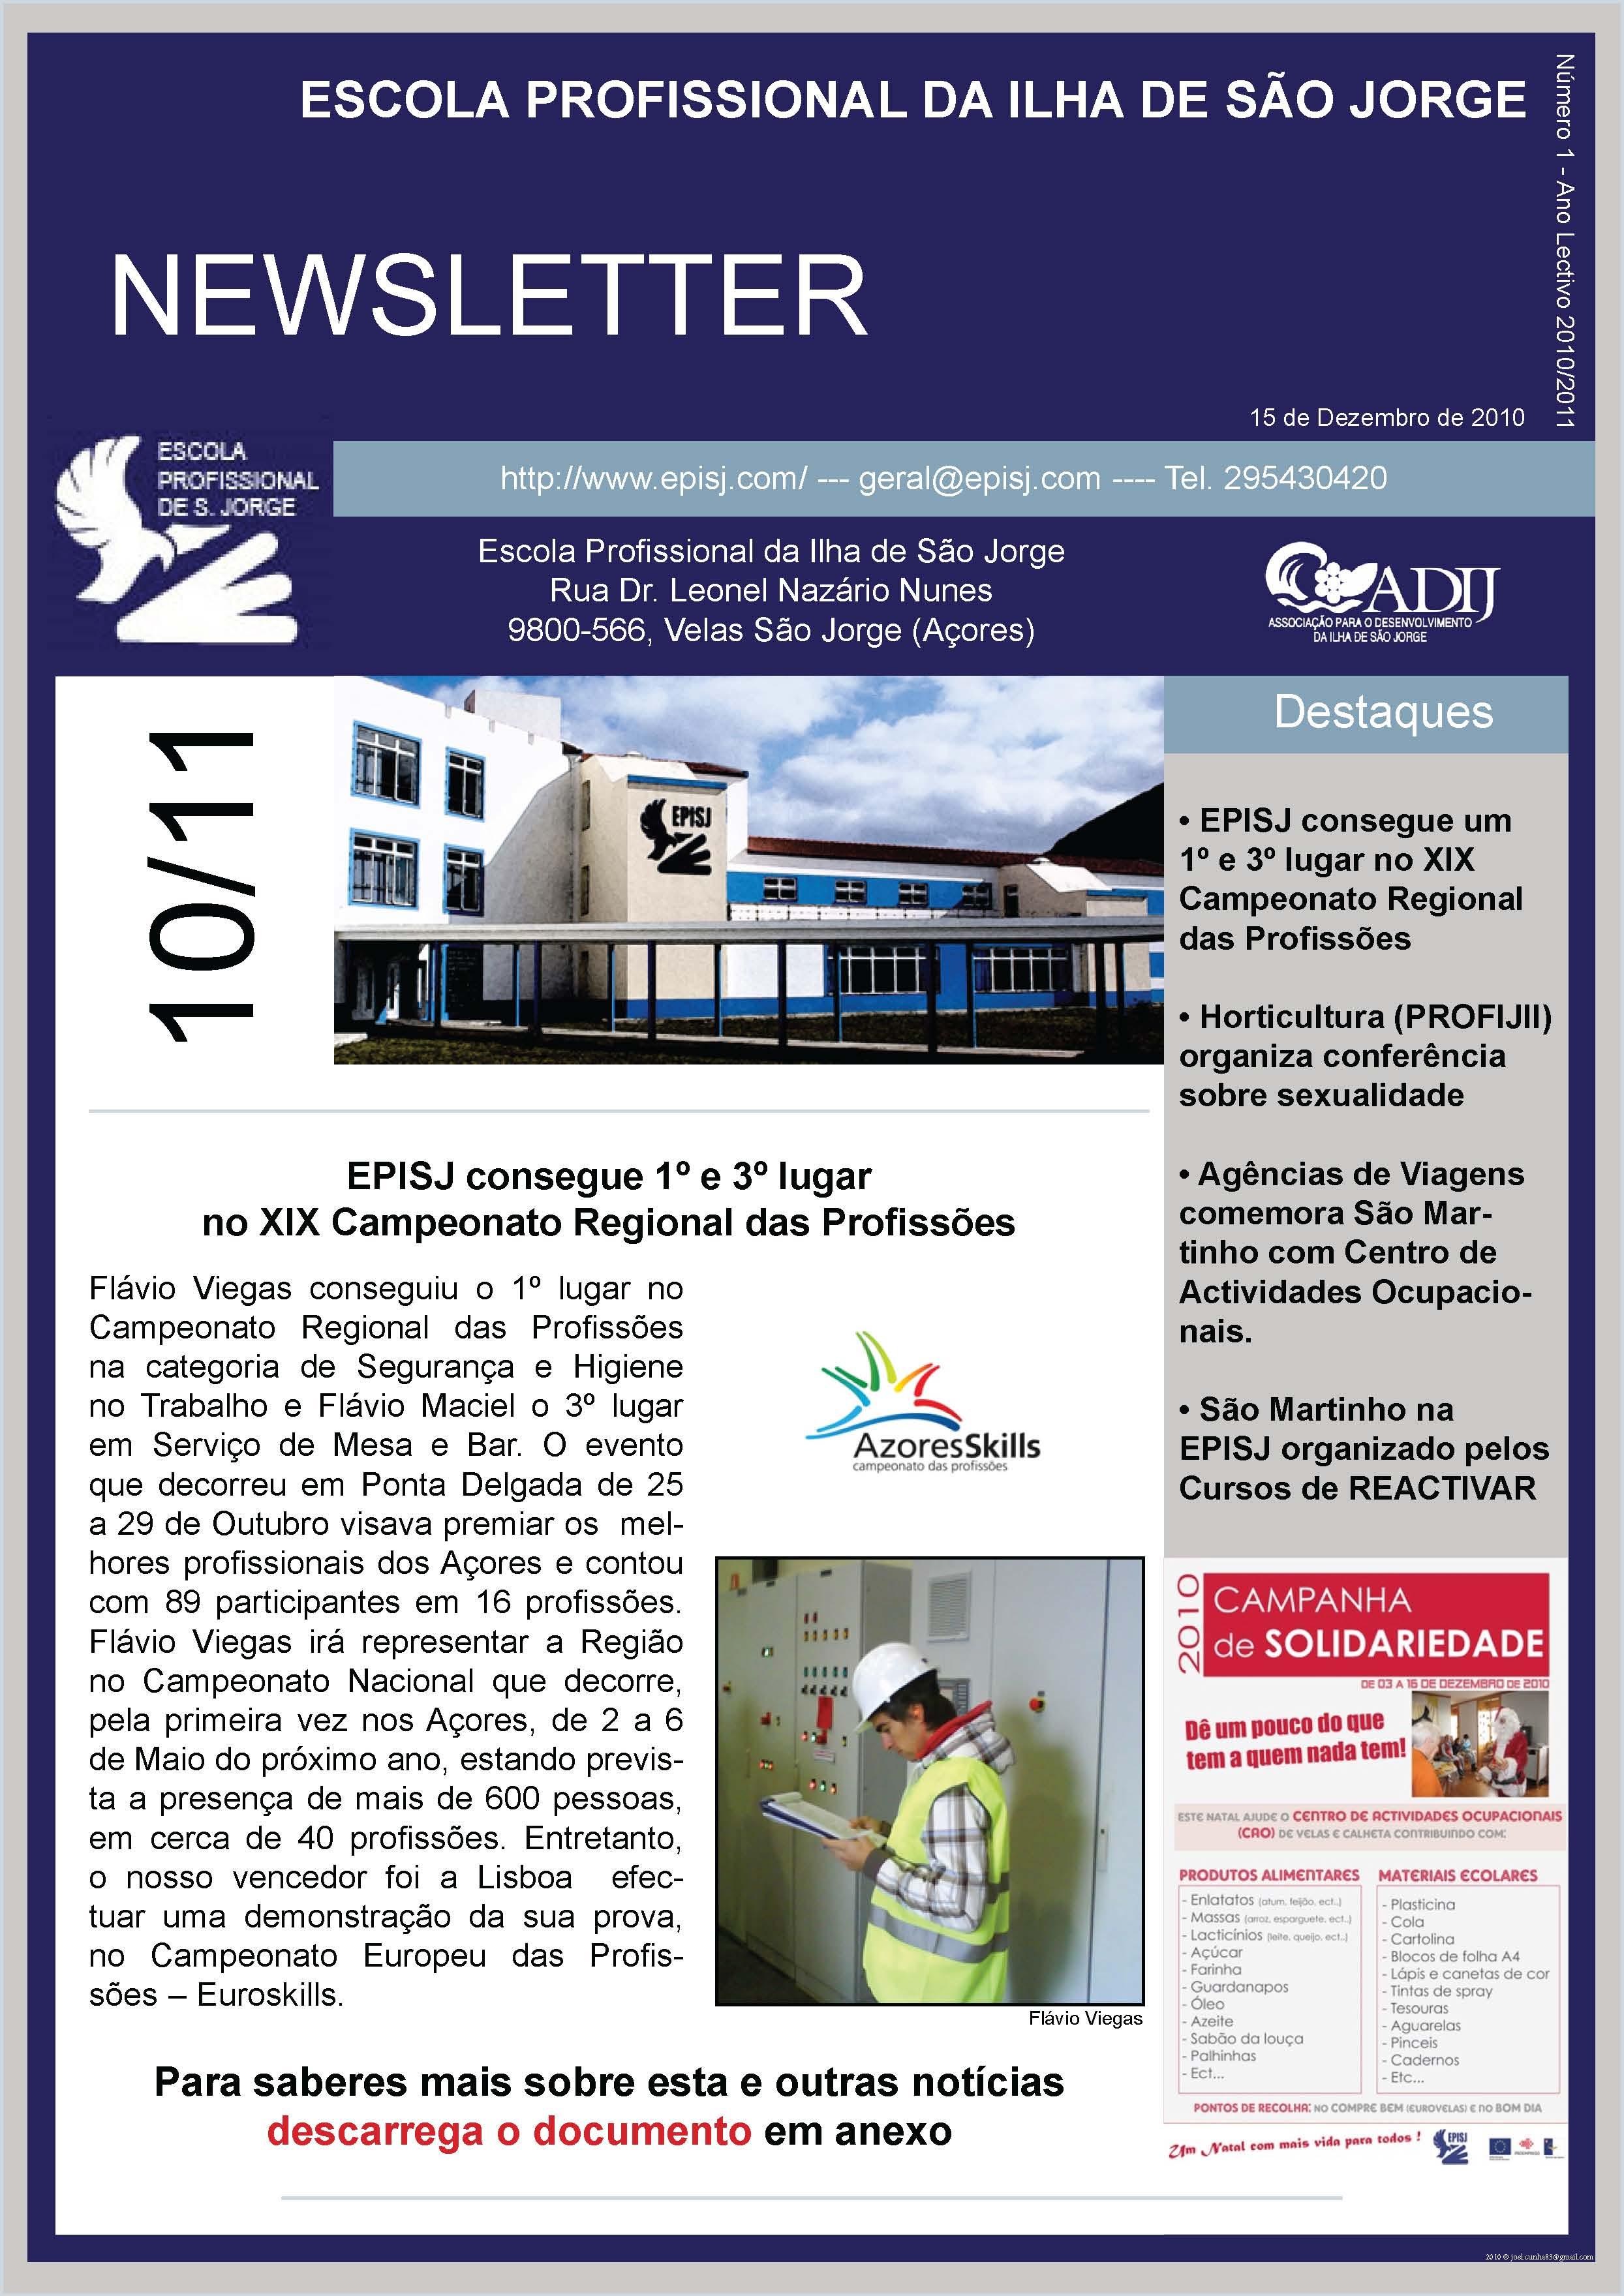 Edição Dezembro 2010